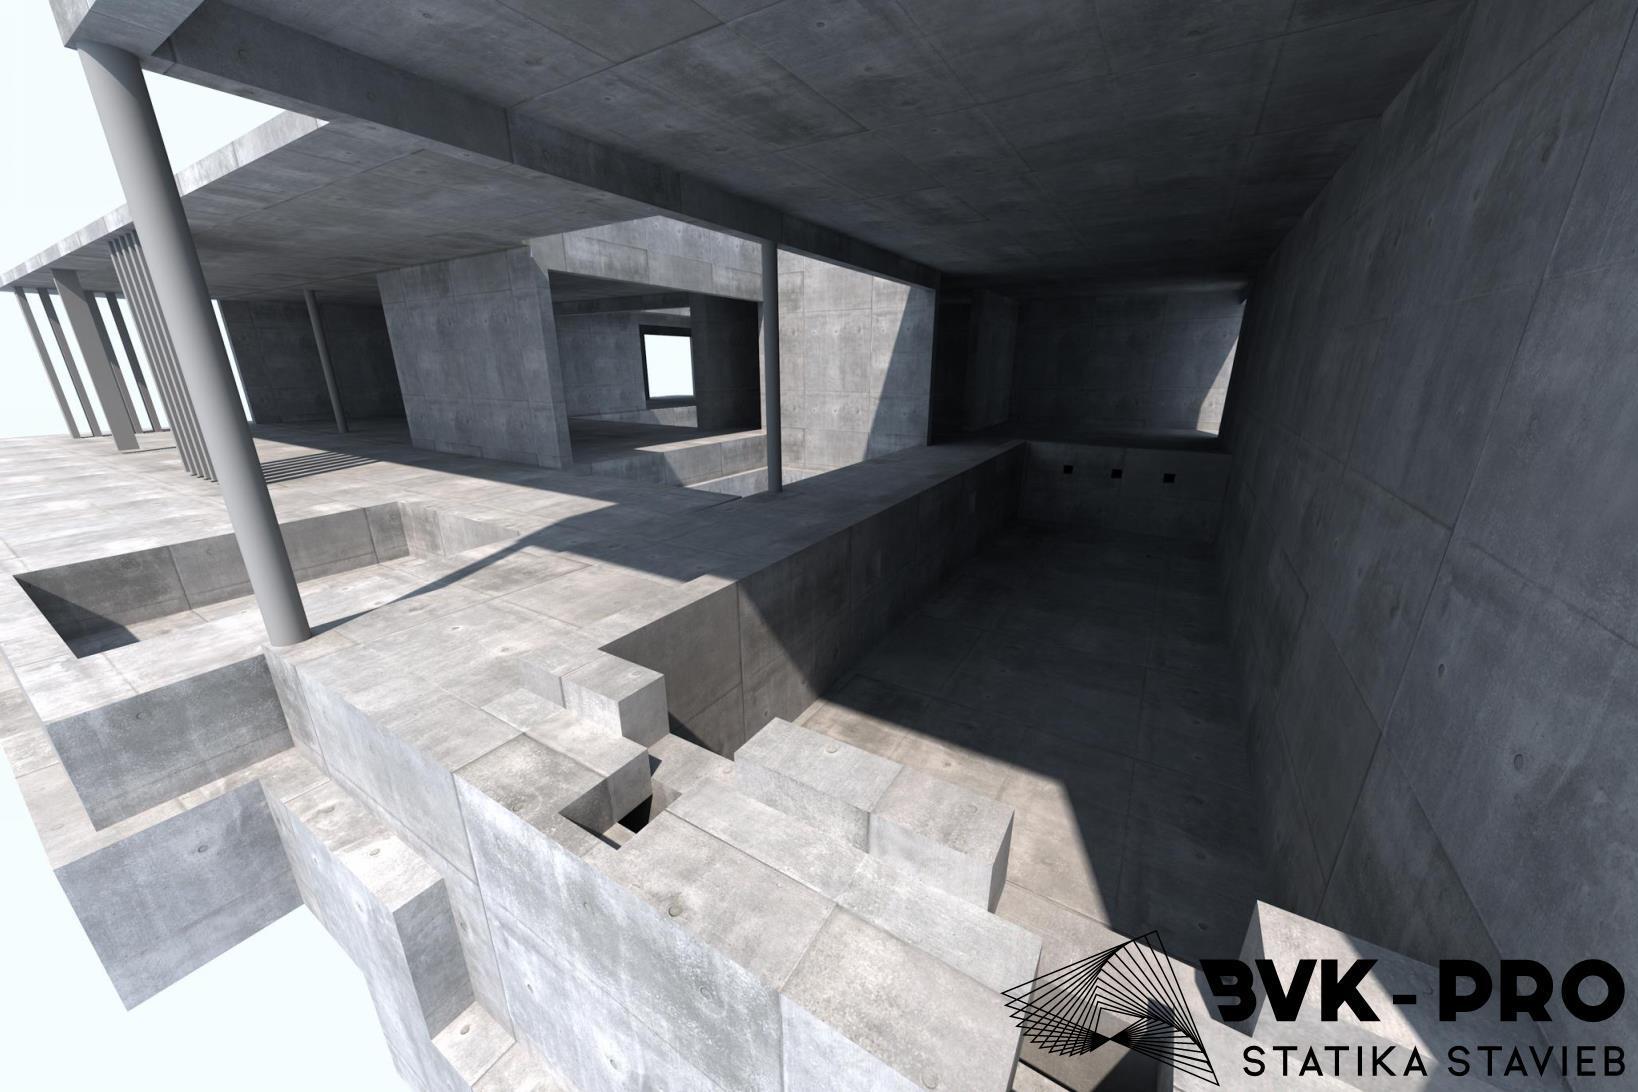 Atriumhaus Bvk Pro S R O  Page 001